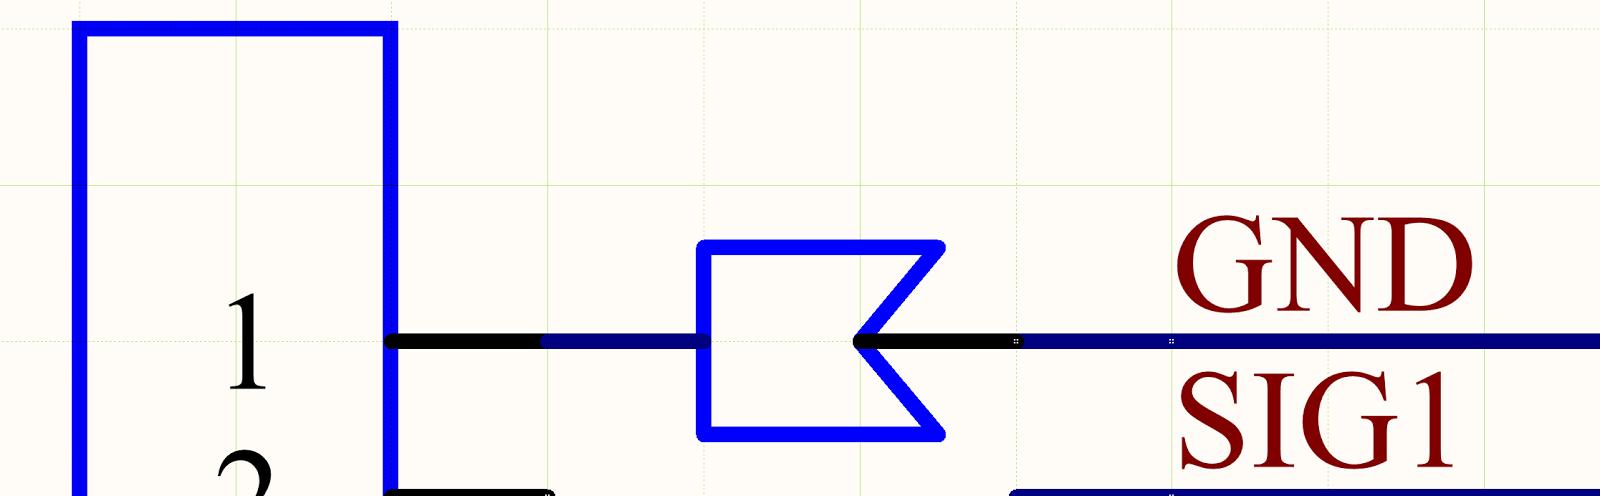 Abbildung 5.  So platziert man ein Crimpbauteil im Schaltplan